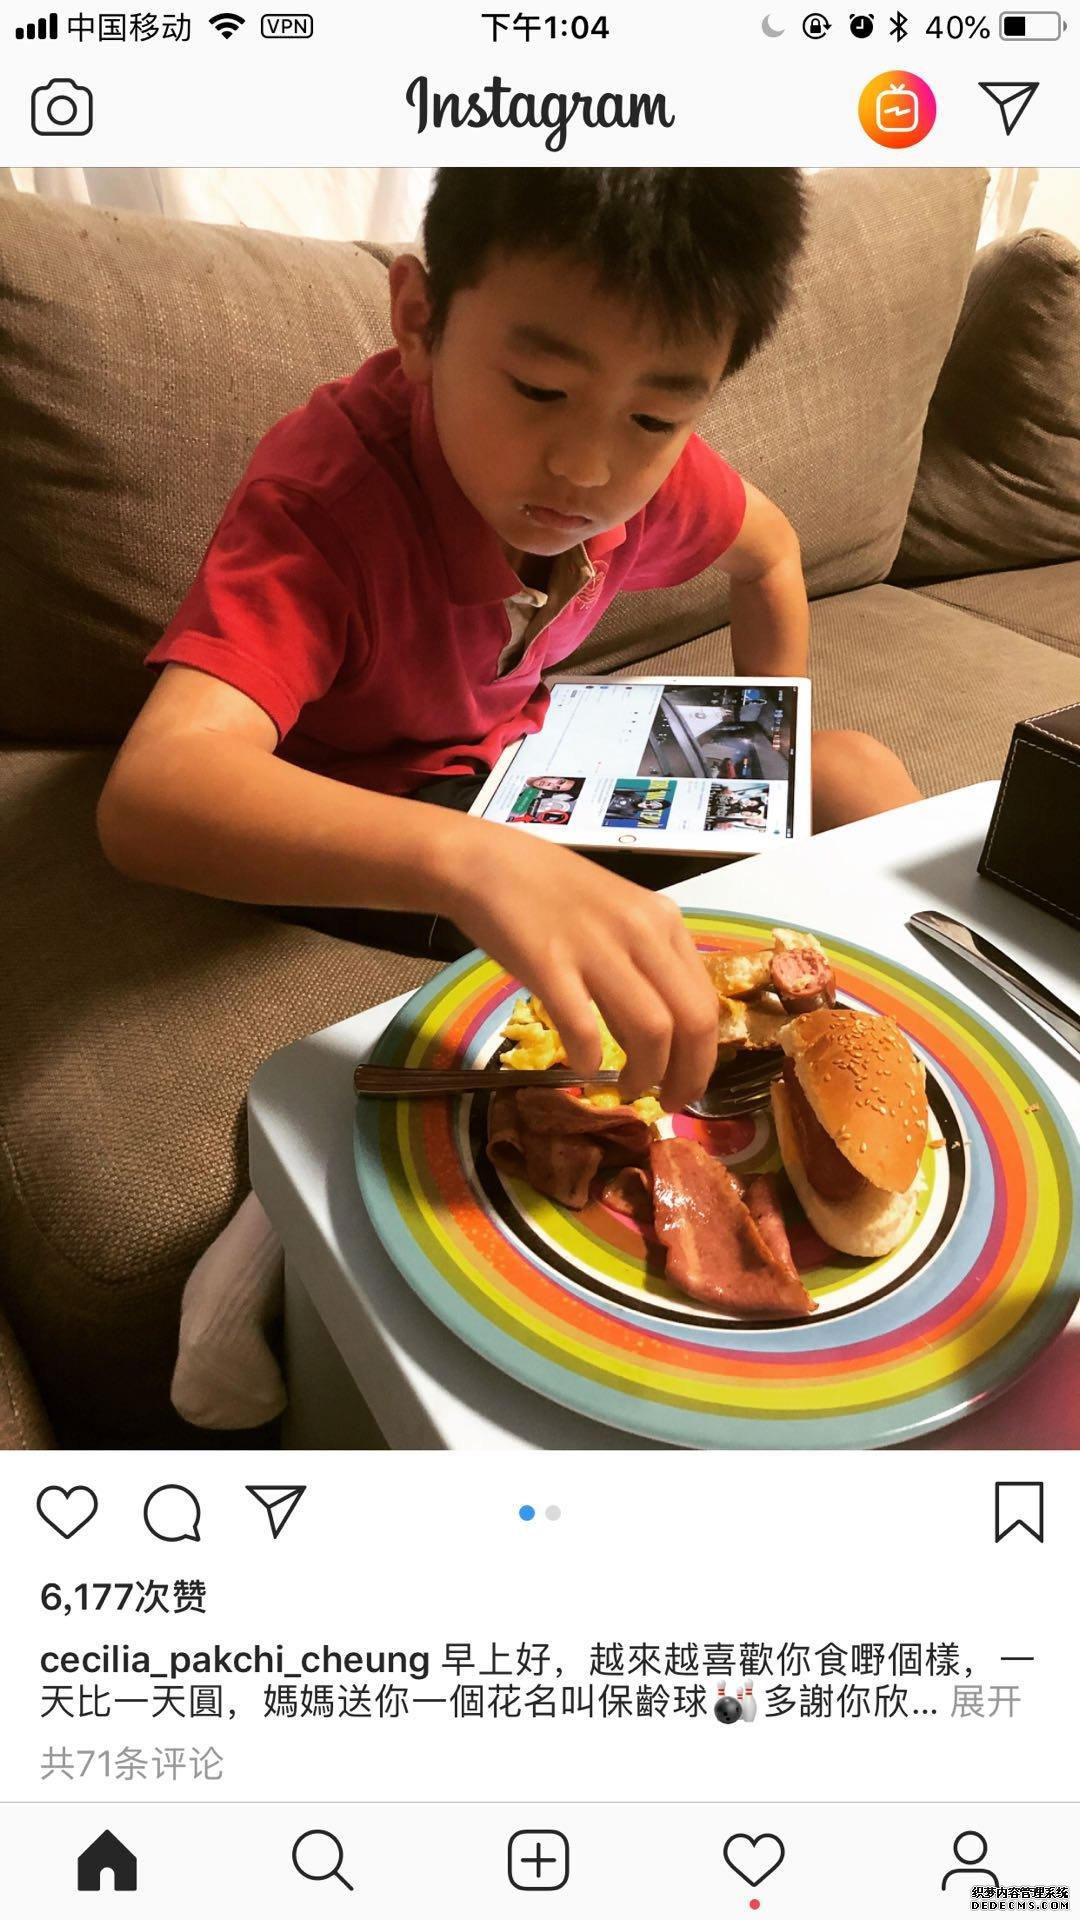 张柏芝晒儿子吃早餐,镜头曝光家里的沙发亮了!